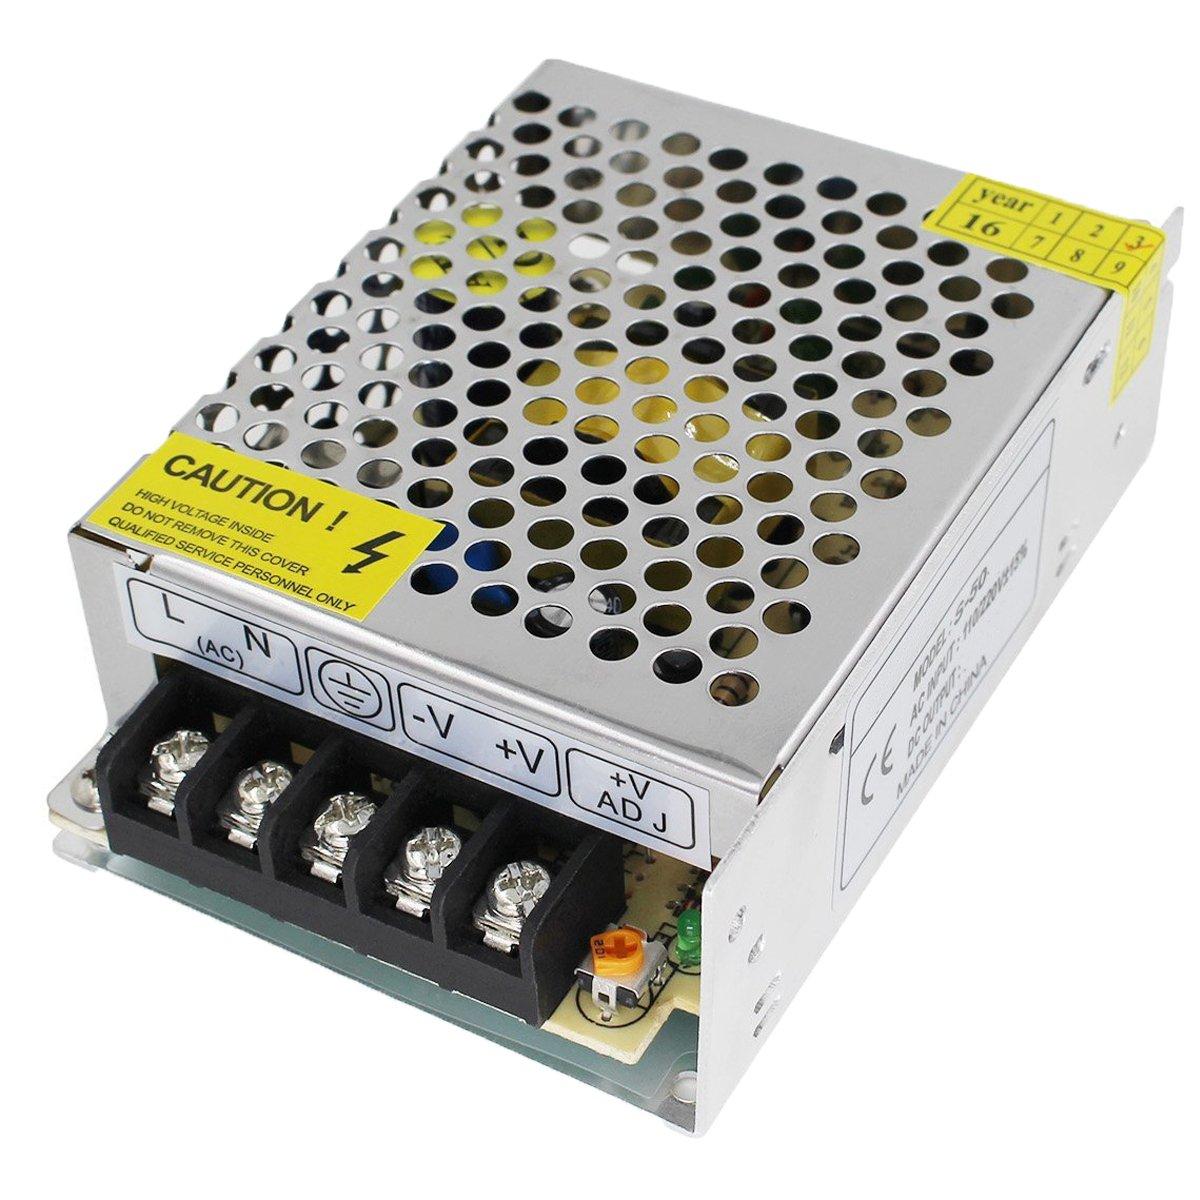 OYY AC-DC 24V 16.7A Schaltnetzteil 400W Transformator Netzteil fü r den Dauereinsatz Schalter 110-220V Ausgang fü r LED-Gerä te, Videokameras, Ü berwachungsanlagen, Diebstahlschutz-Anlagen